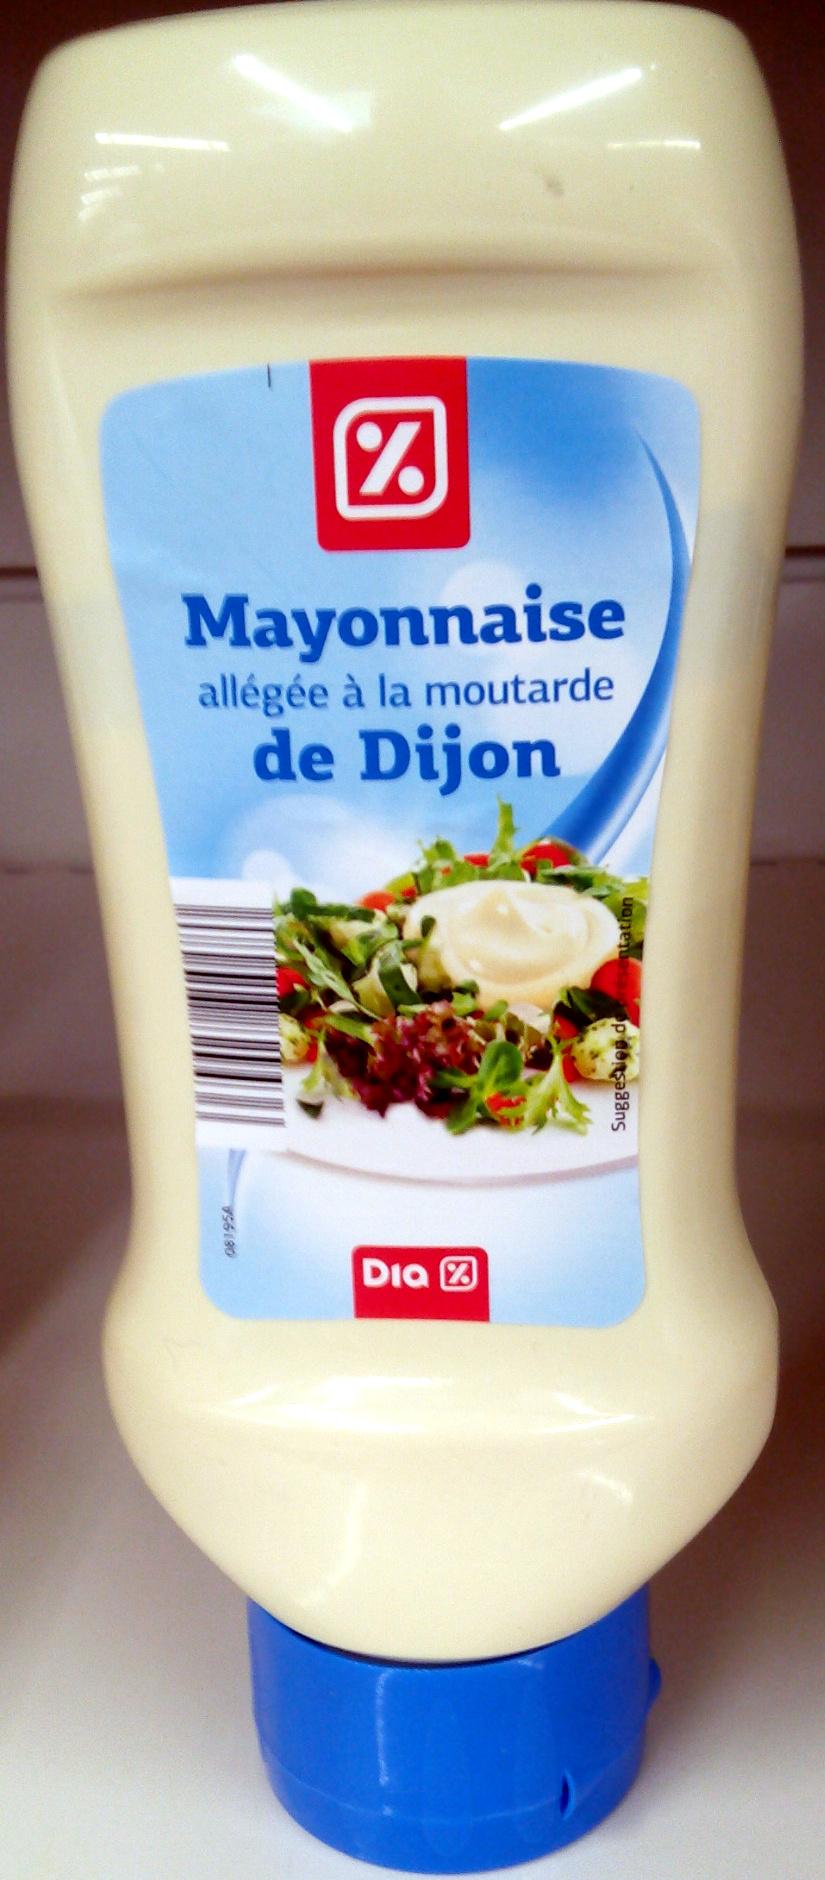 Mayonnaise allégé à la moutarde de Dijon - Product